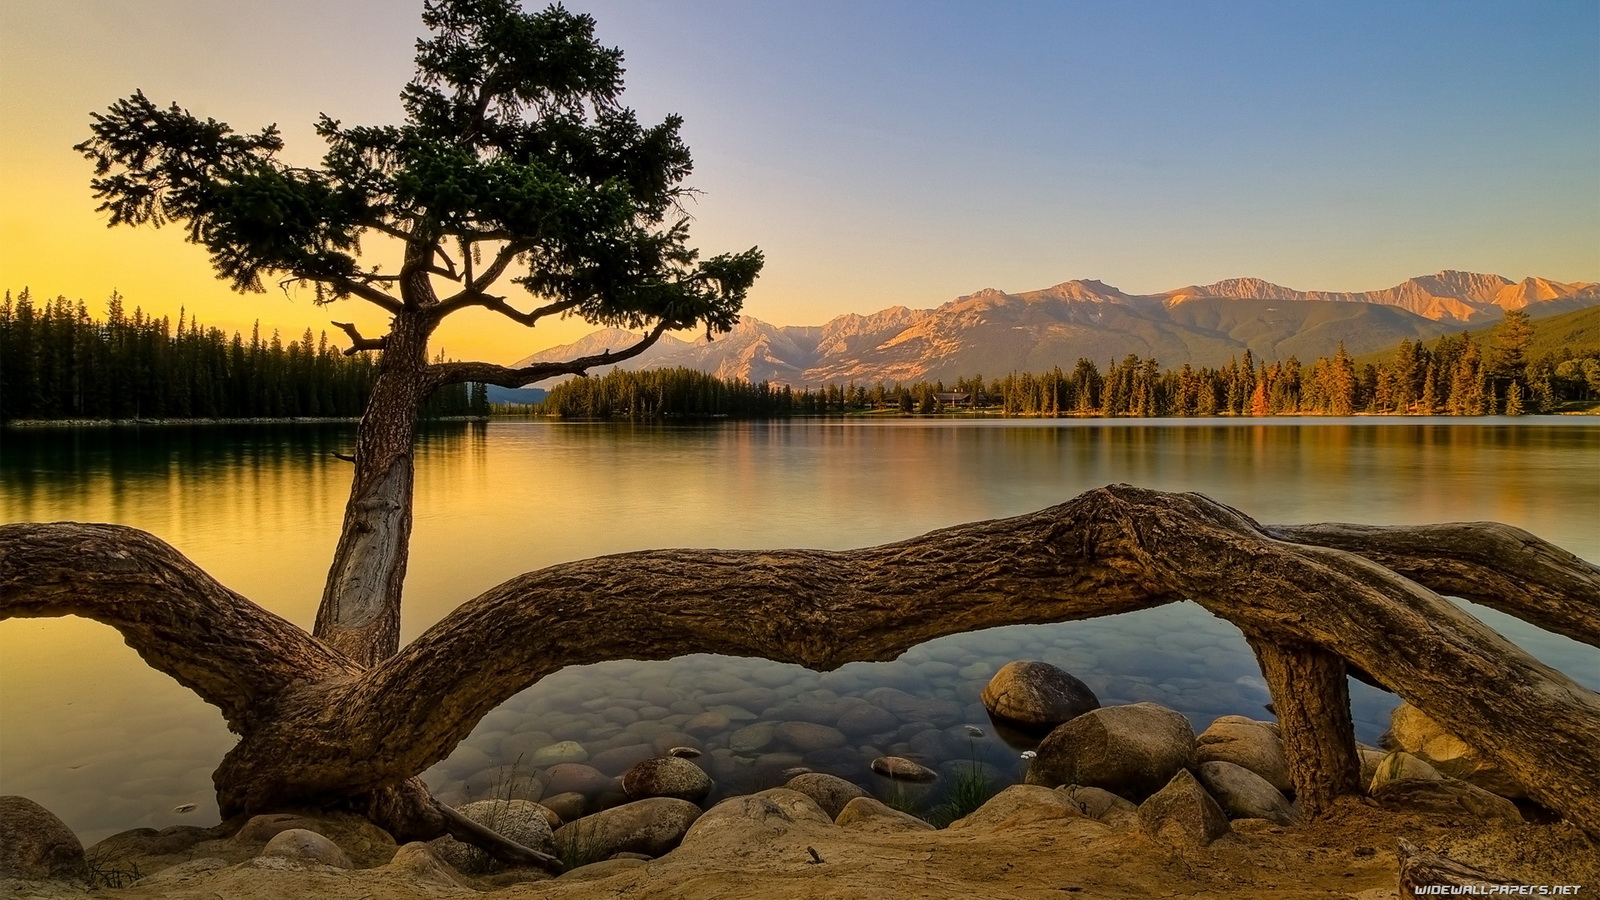 http://2.bp.blogspot.com/-EC0xUAyvrLg/T3kWPtMHRiI/AAAAAAAAArw/iWEvQskxP28/s1600/nature-wallpaper-1600x900-007.jpg